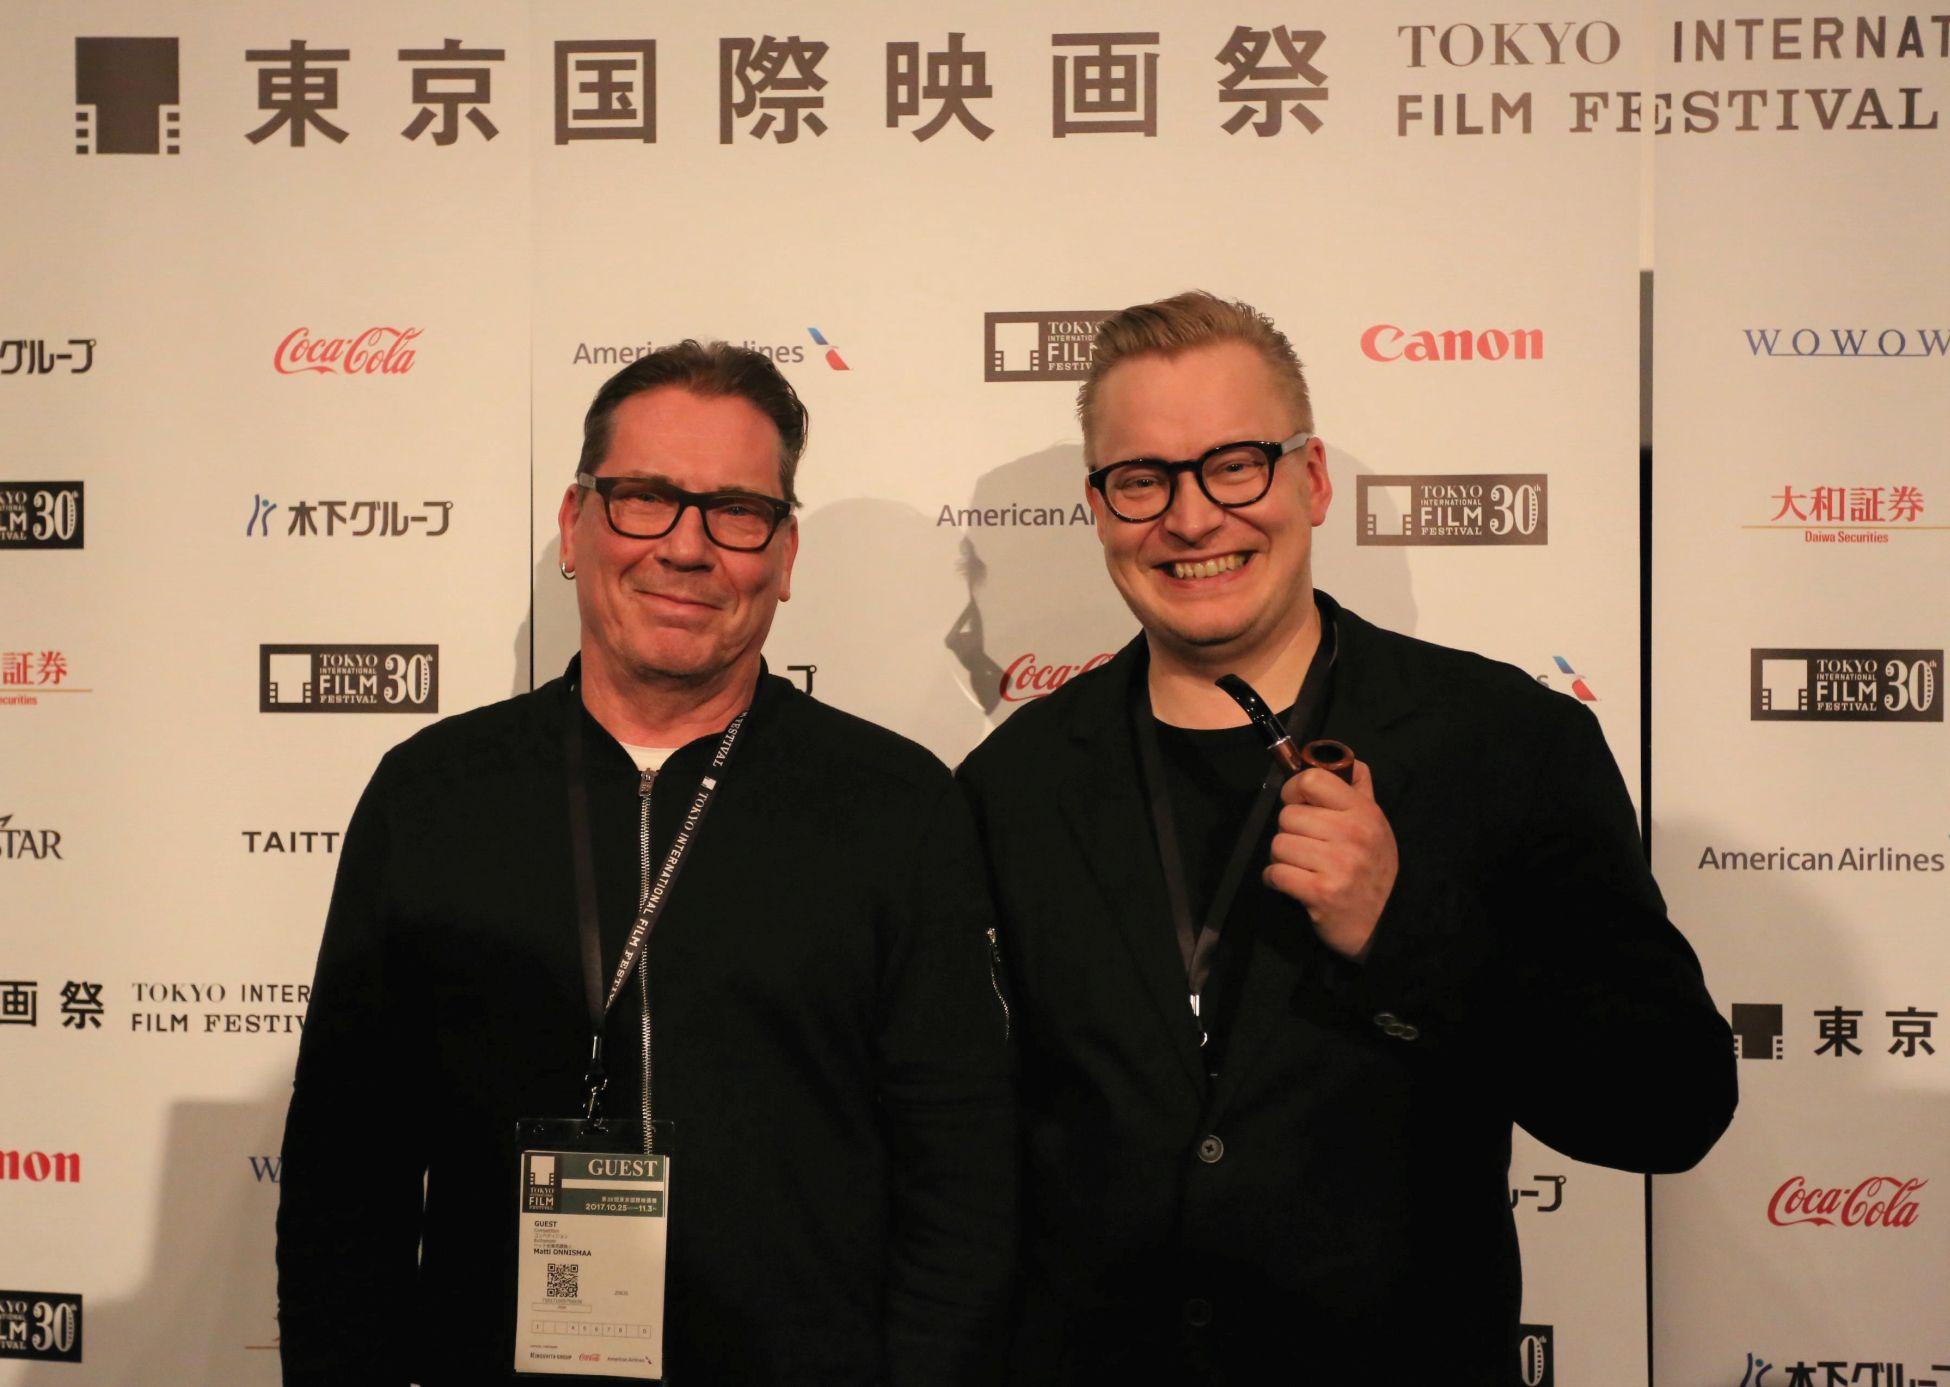 Teemu Nikki ja Matti Onnismaa (c)2017 TIFF